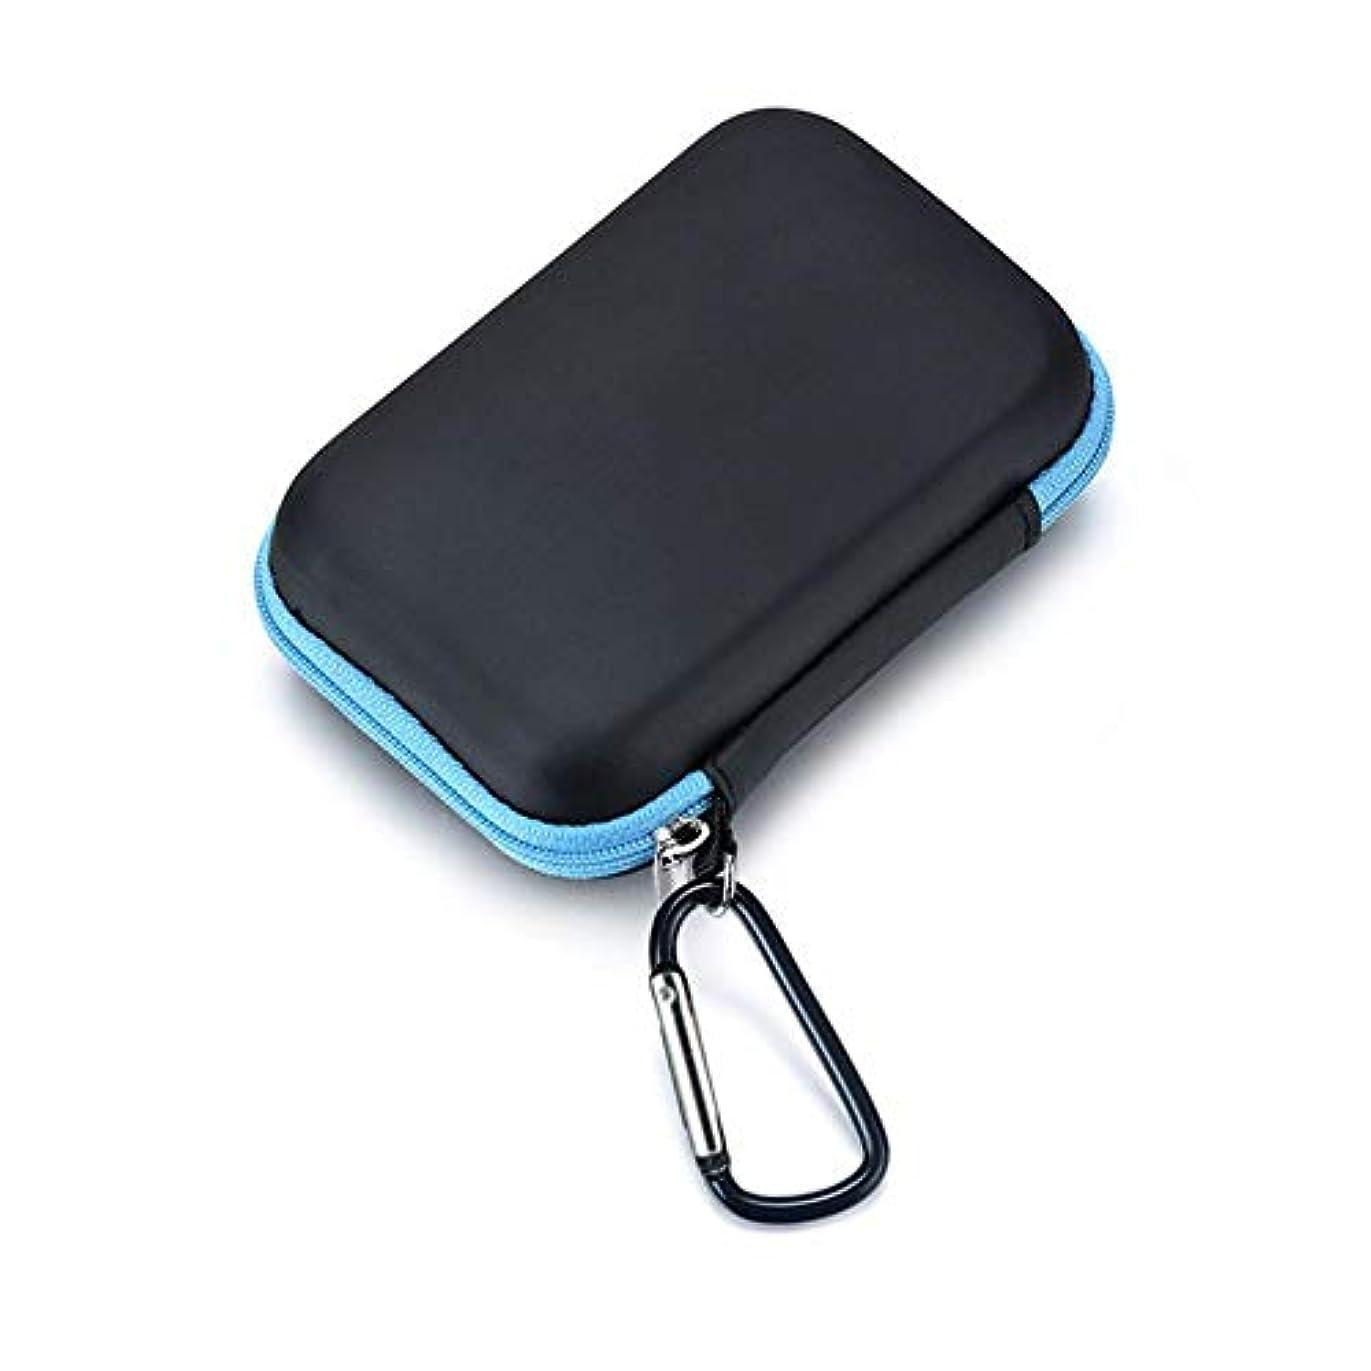 多様な簡潔な無謀エッセンシャルオイル収納バッグ 収納ケース 携帯用ポーチ EVA製 15本入り 1ml?2ml?3mlの精油ボルトに対応 junexi